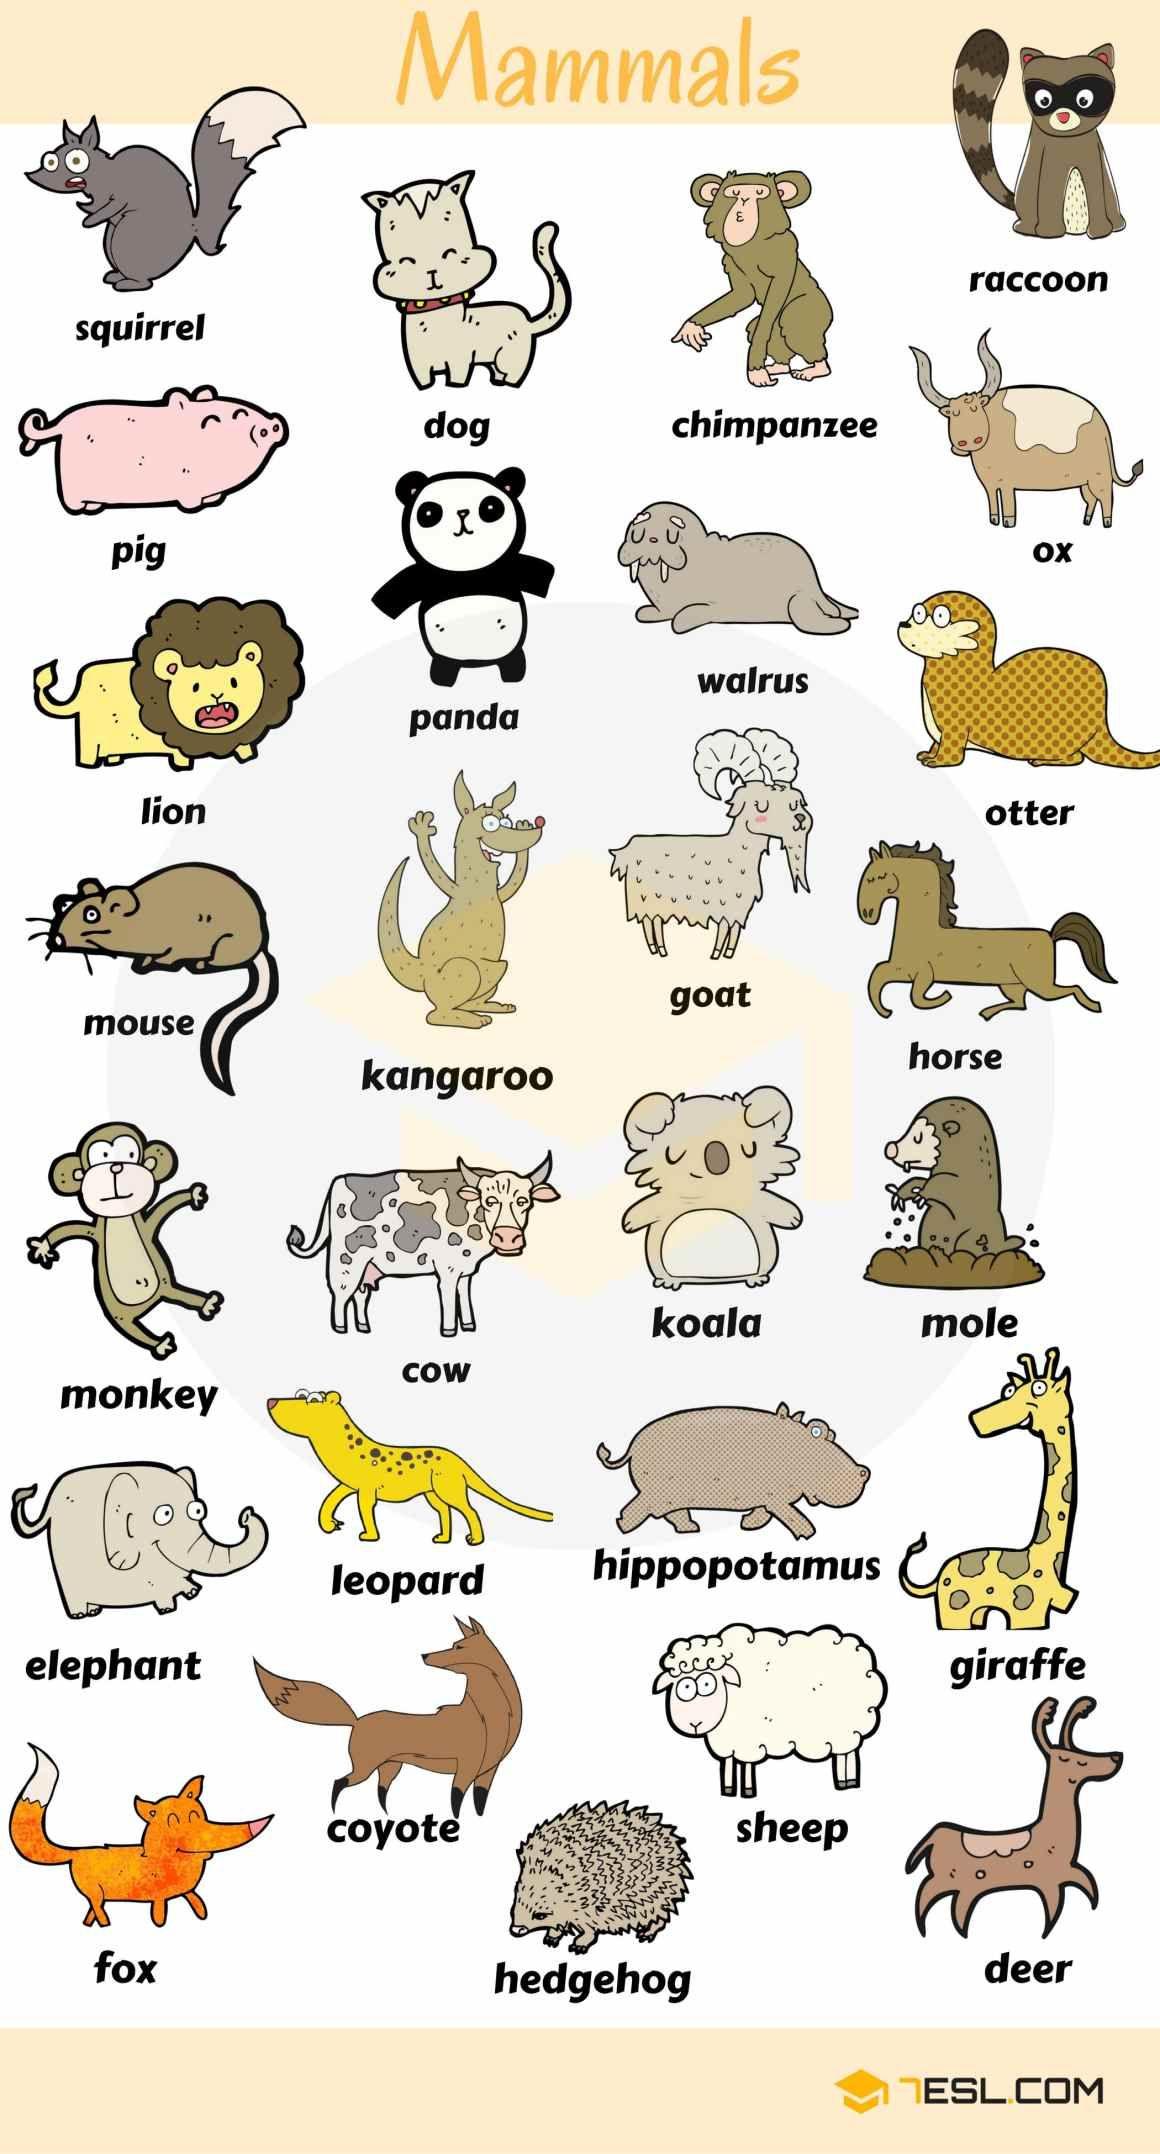 Learn Animal Names In English